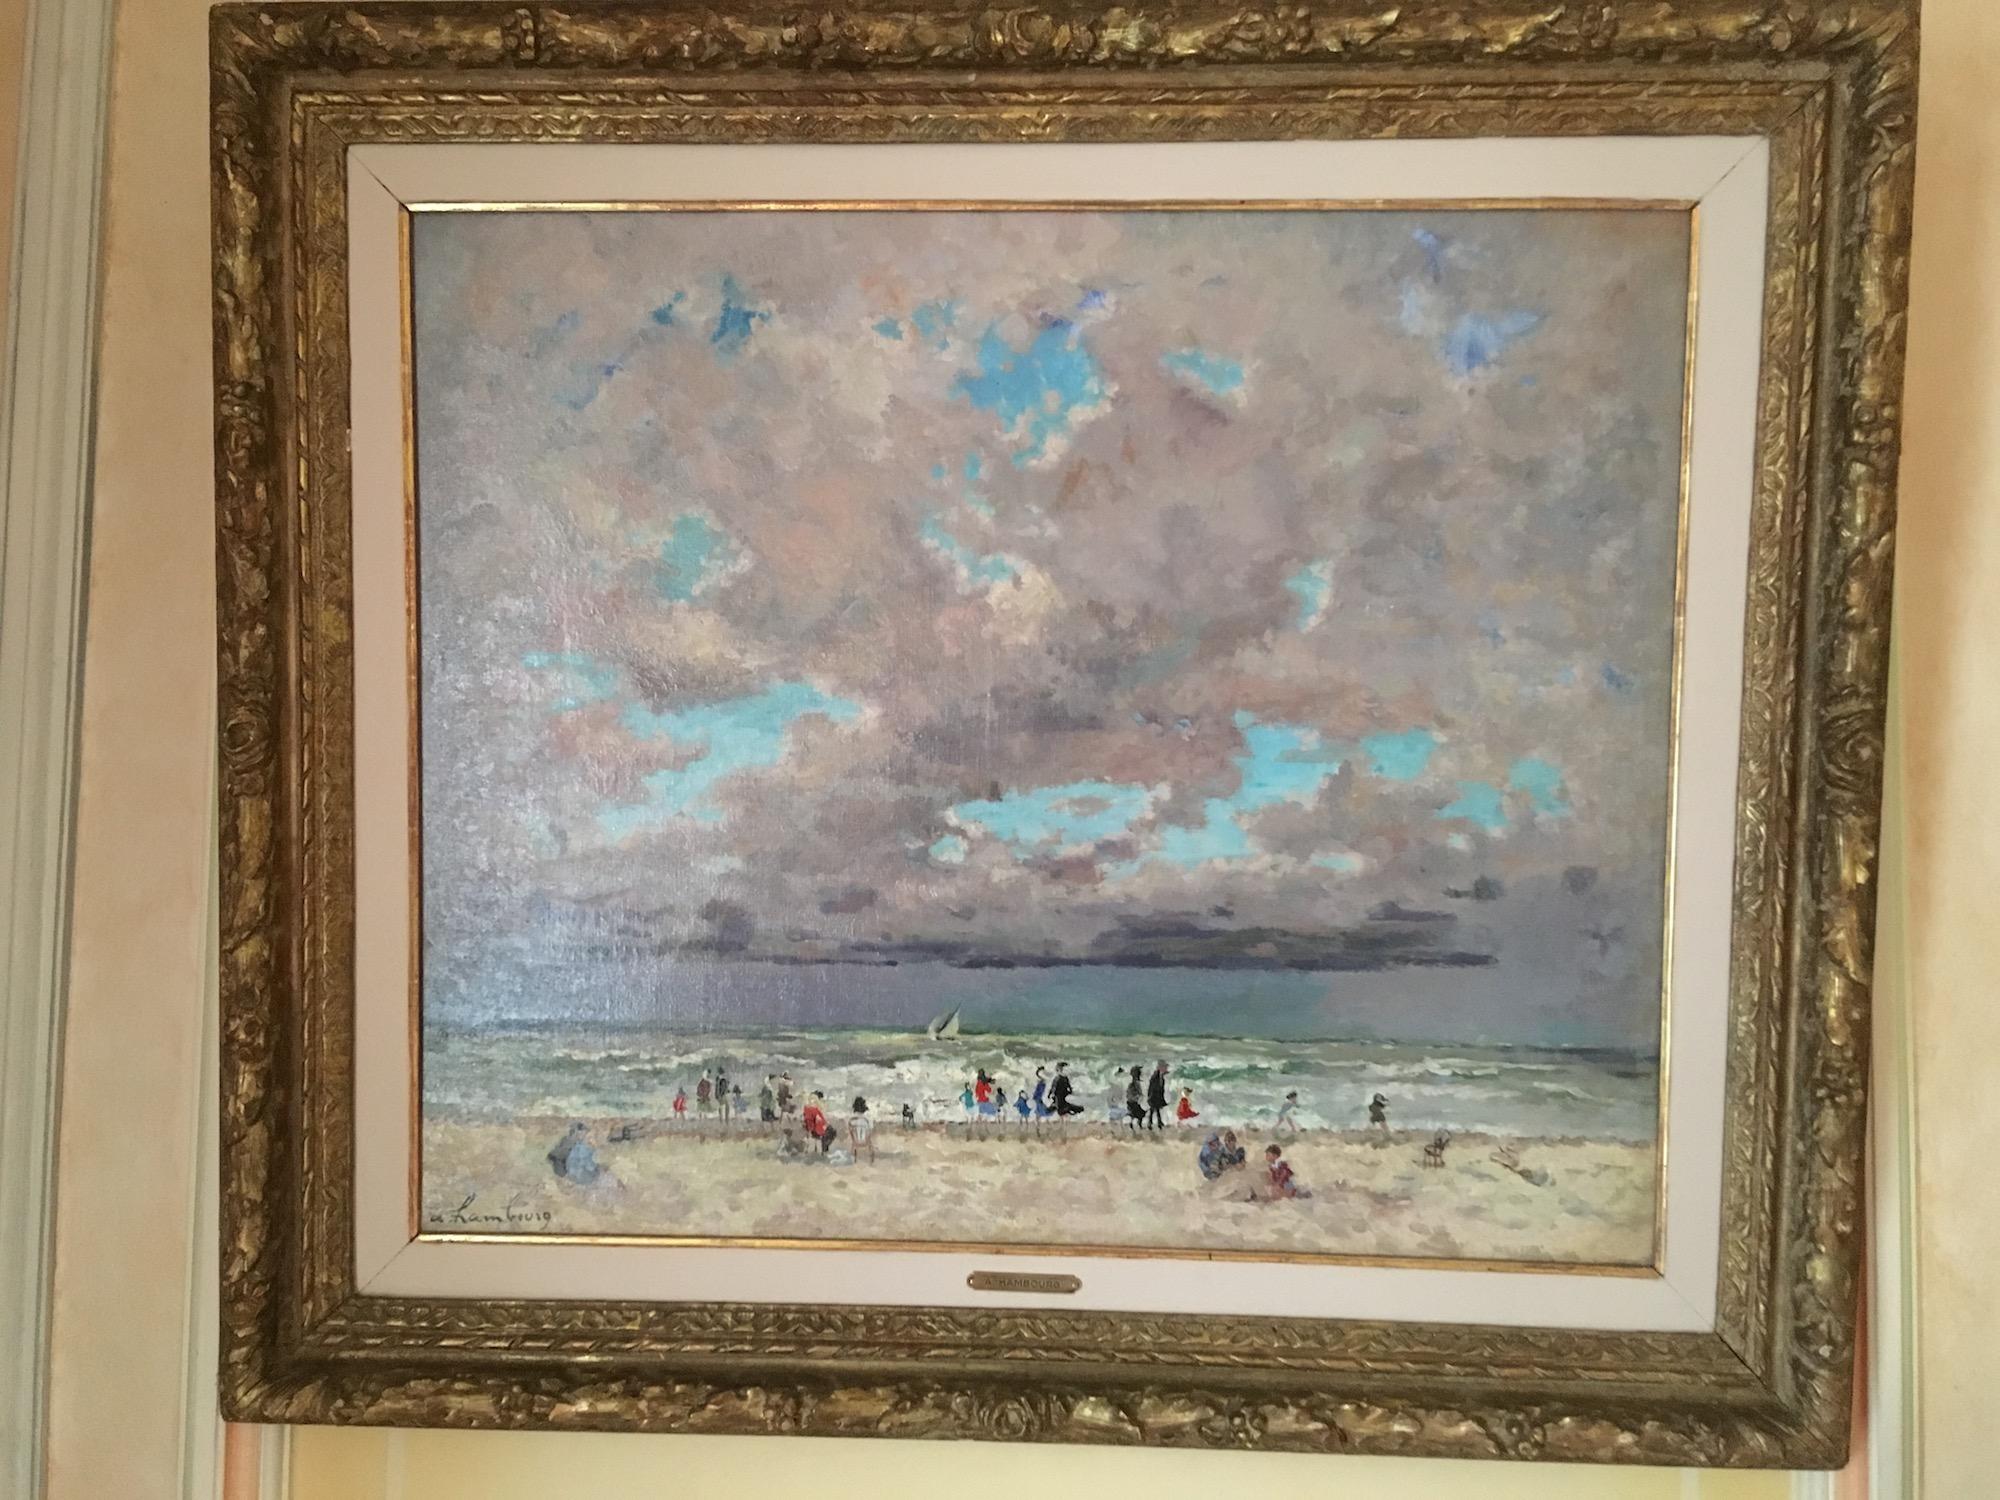 Une plage en Normandie d'André HAMBOURG